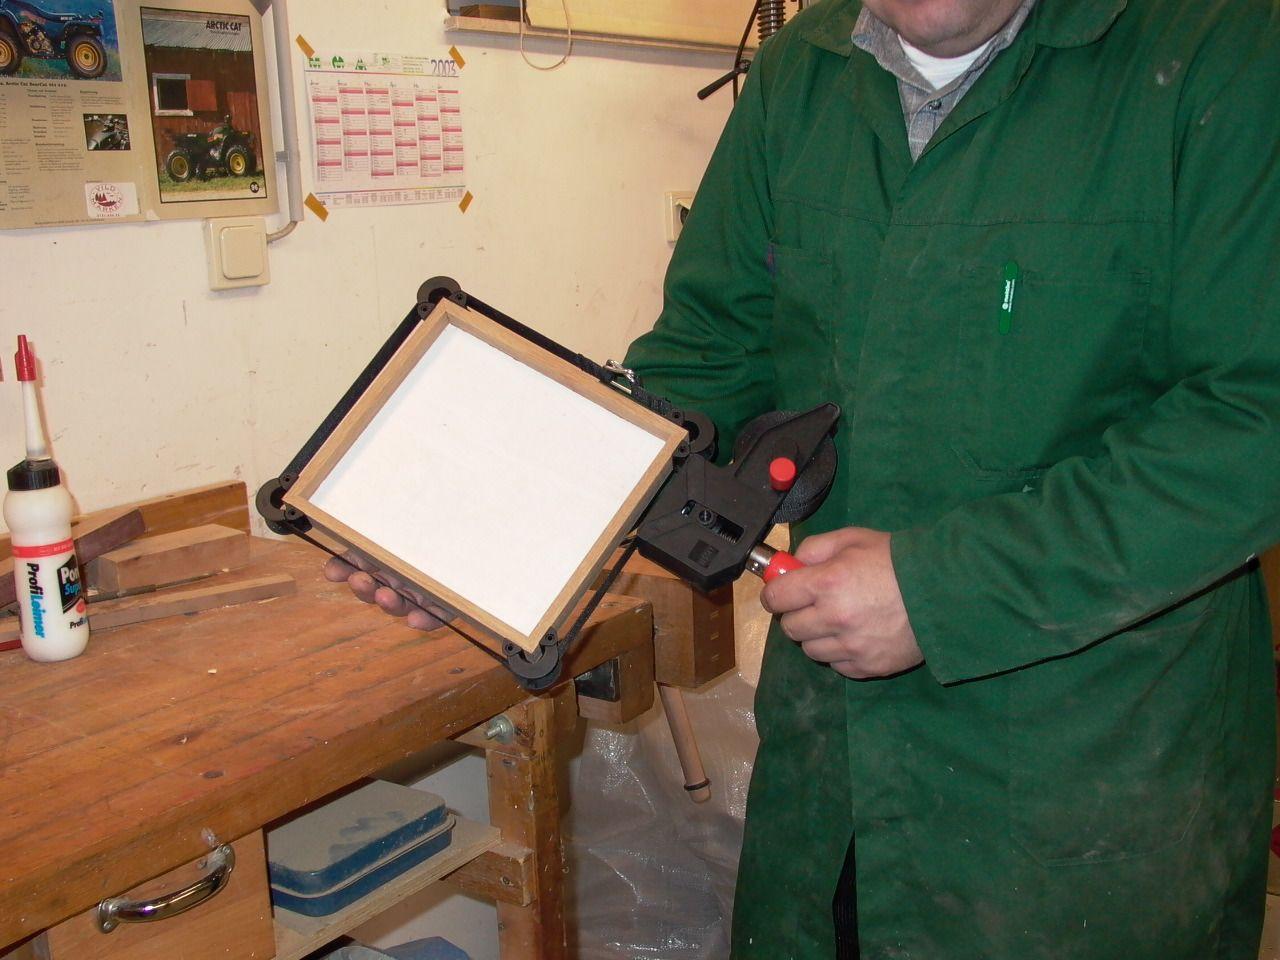 Spannen eines Bilderrahmens mit dem Bessey Rahmenspanner